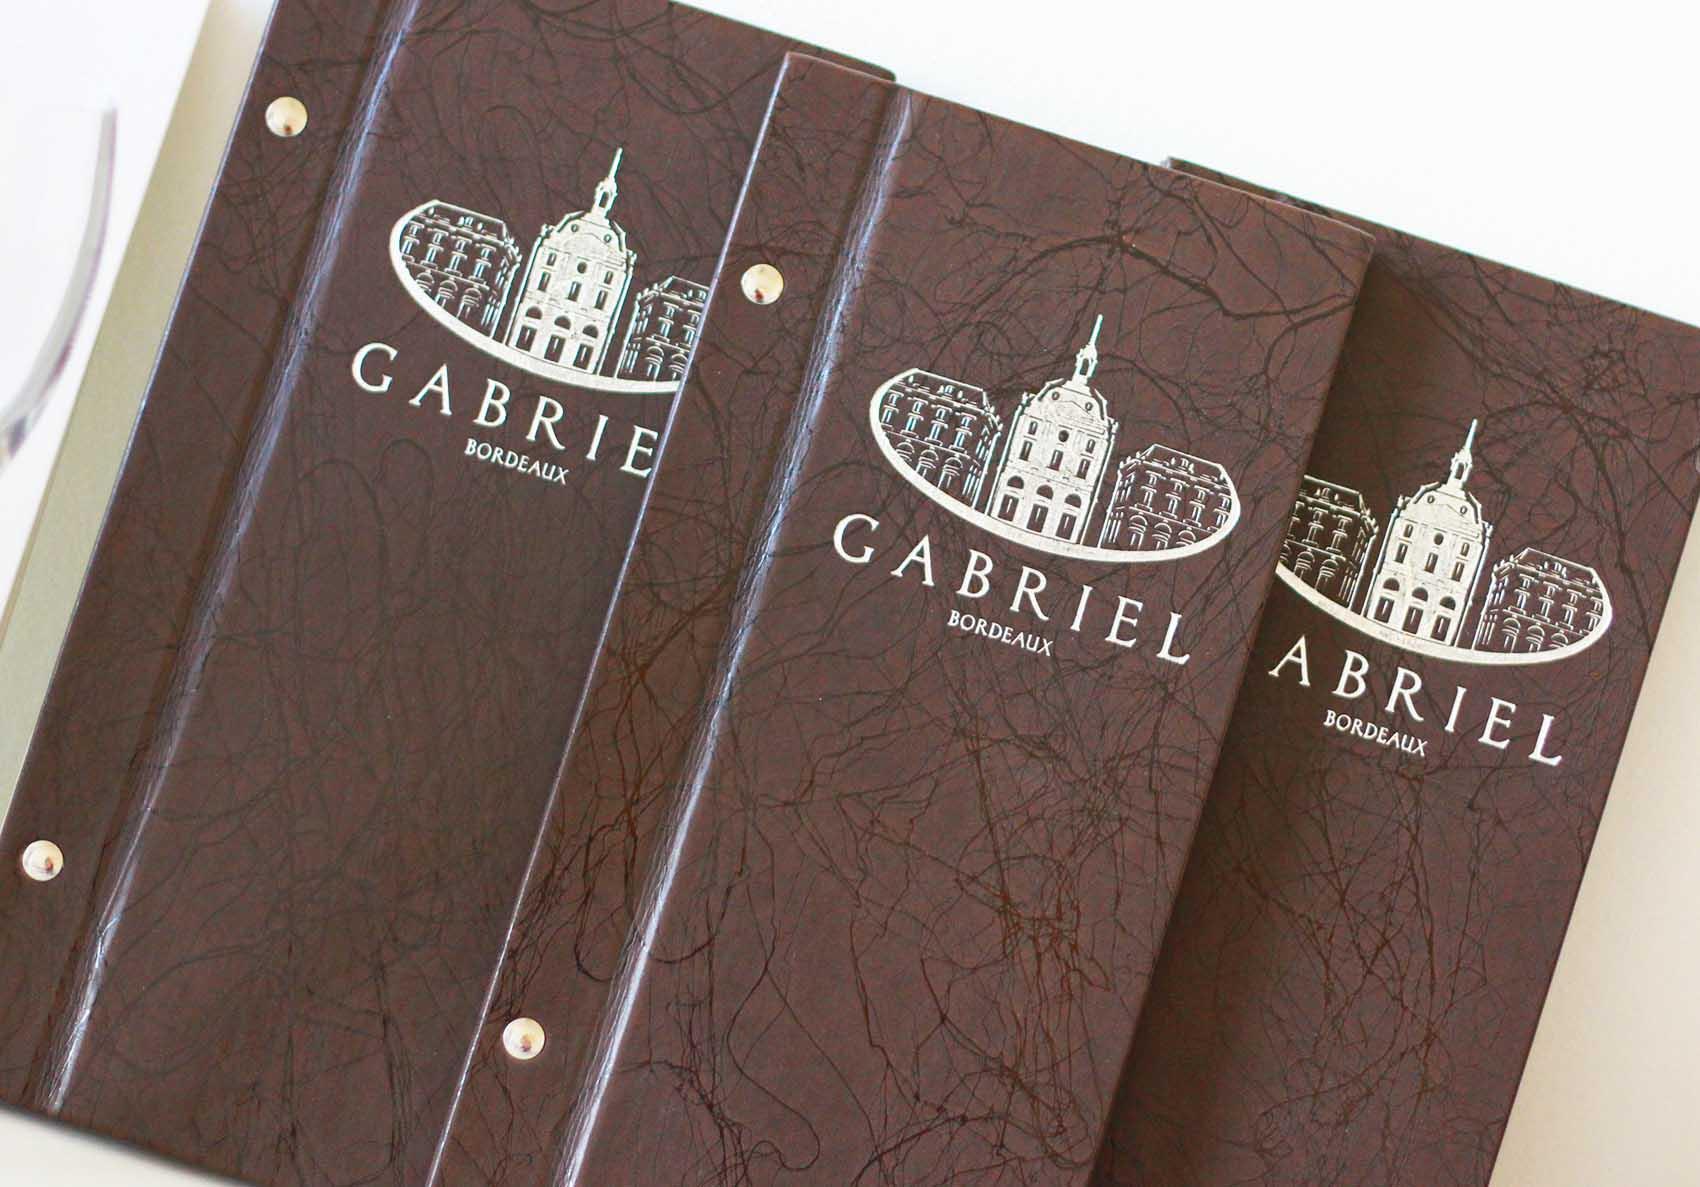 Restaurant Le Gabriel Bordeaux